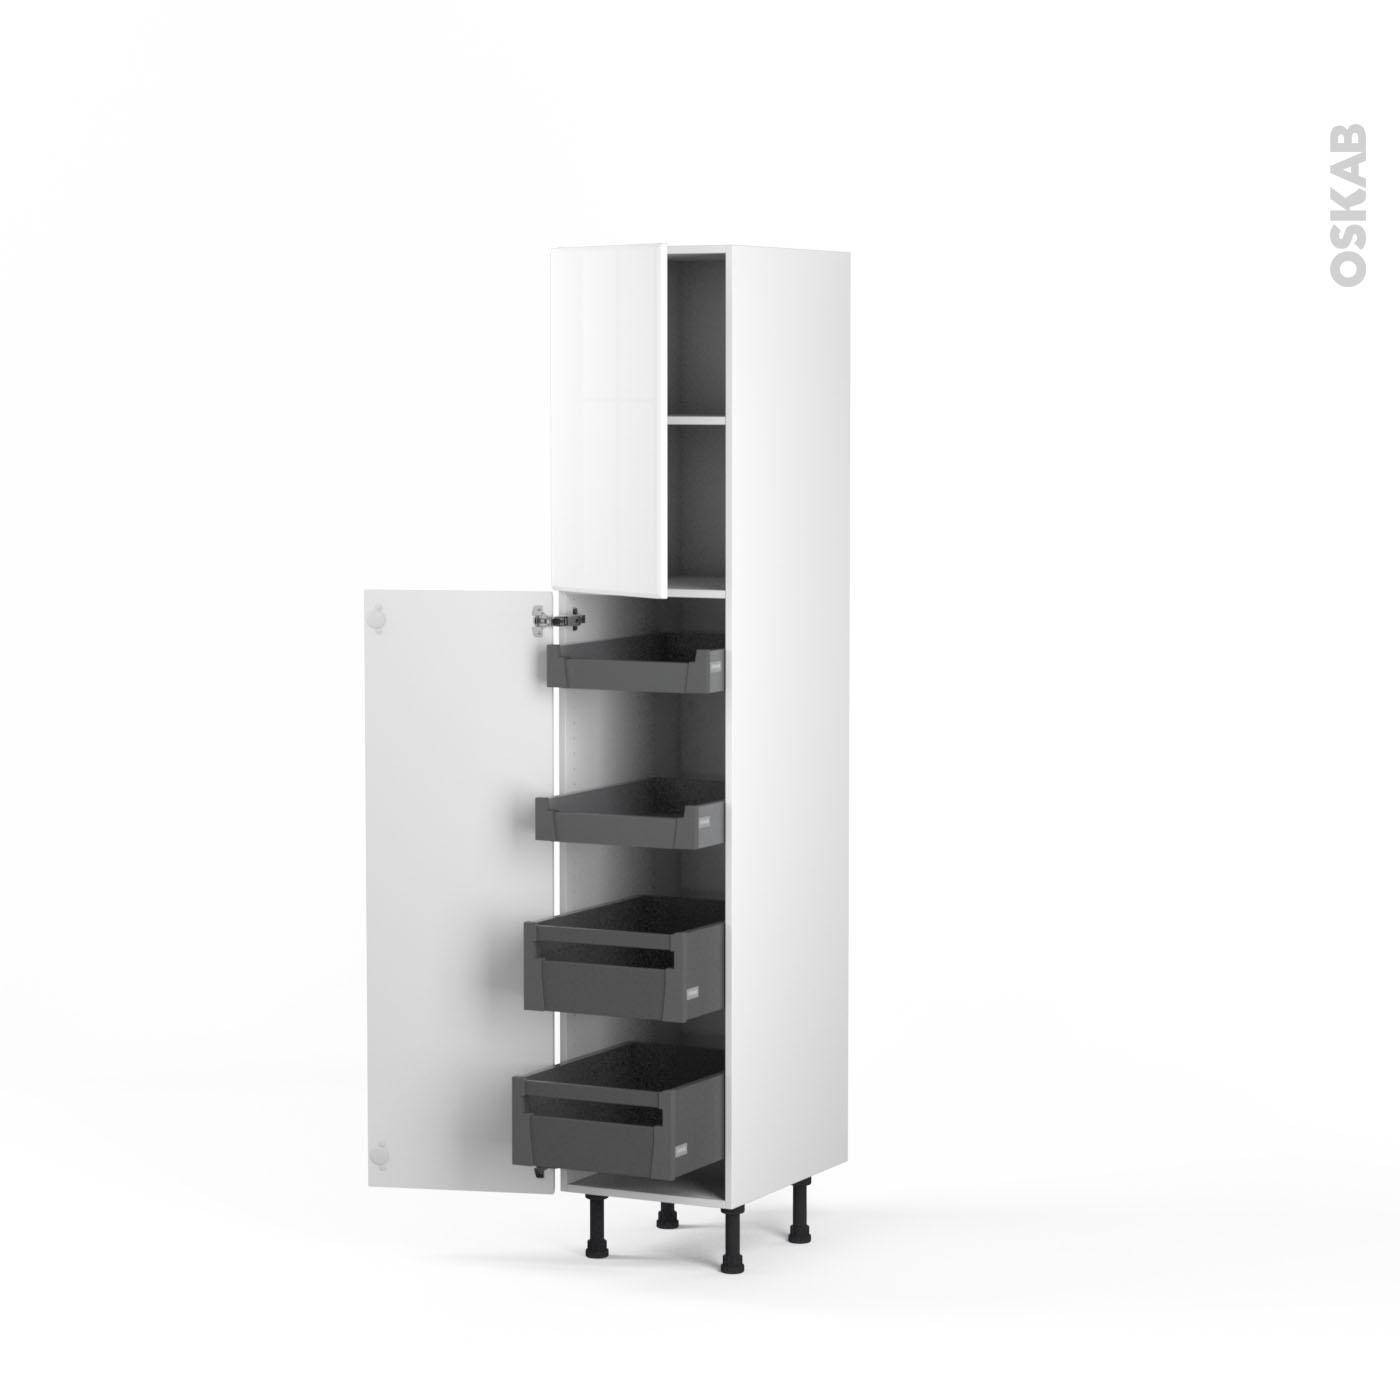 colonne de cuisine n°1926 armoire de rangement iris blanc 4 tiroirs